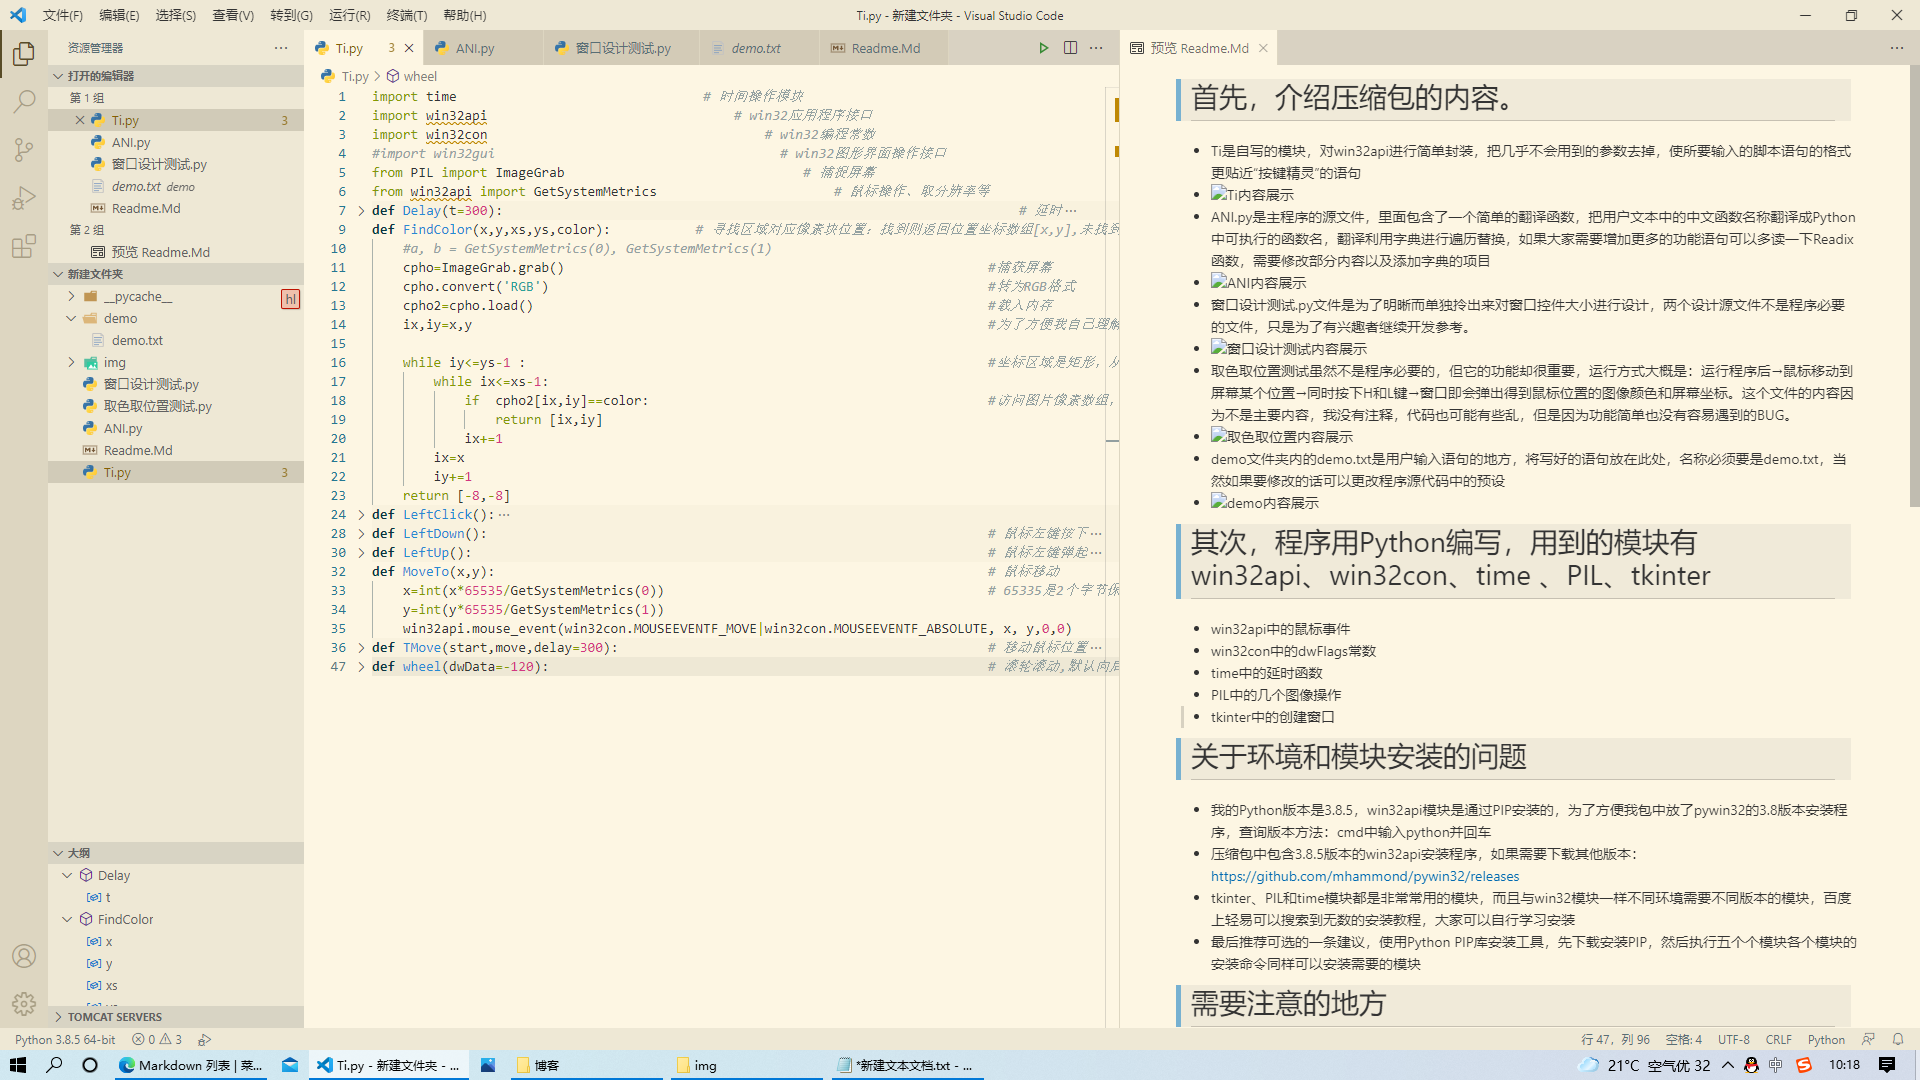 按键精灵-Python-可单独执行脚本-GUI界面显示代码返回错误...